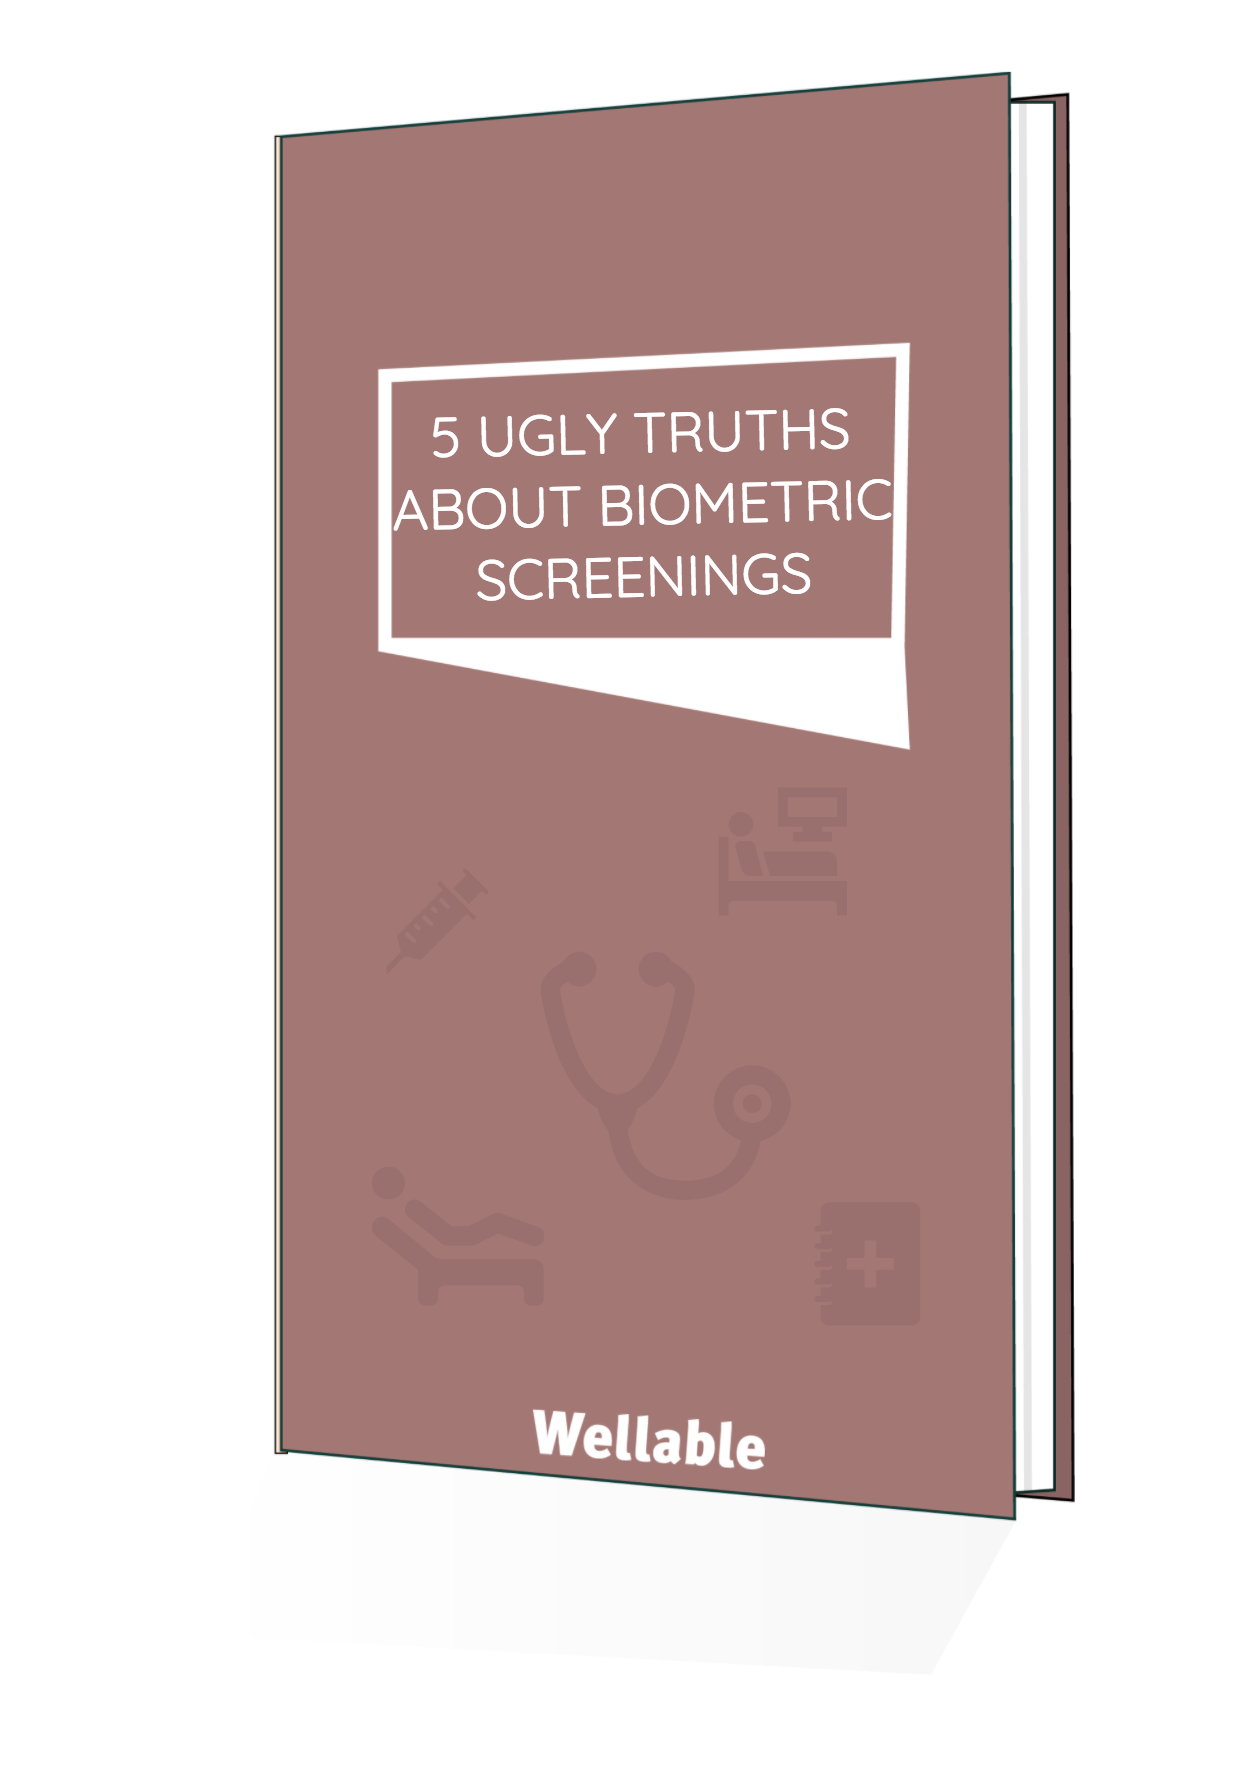 biometric screening ebook cover.png